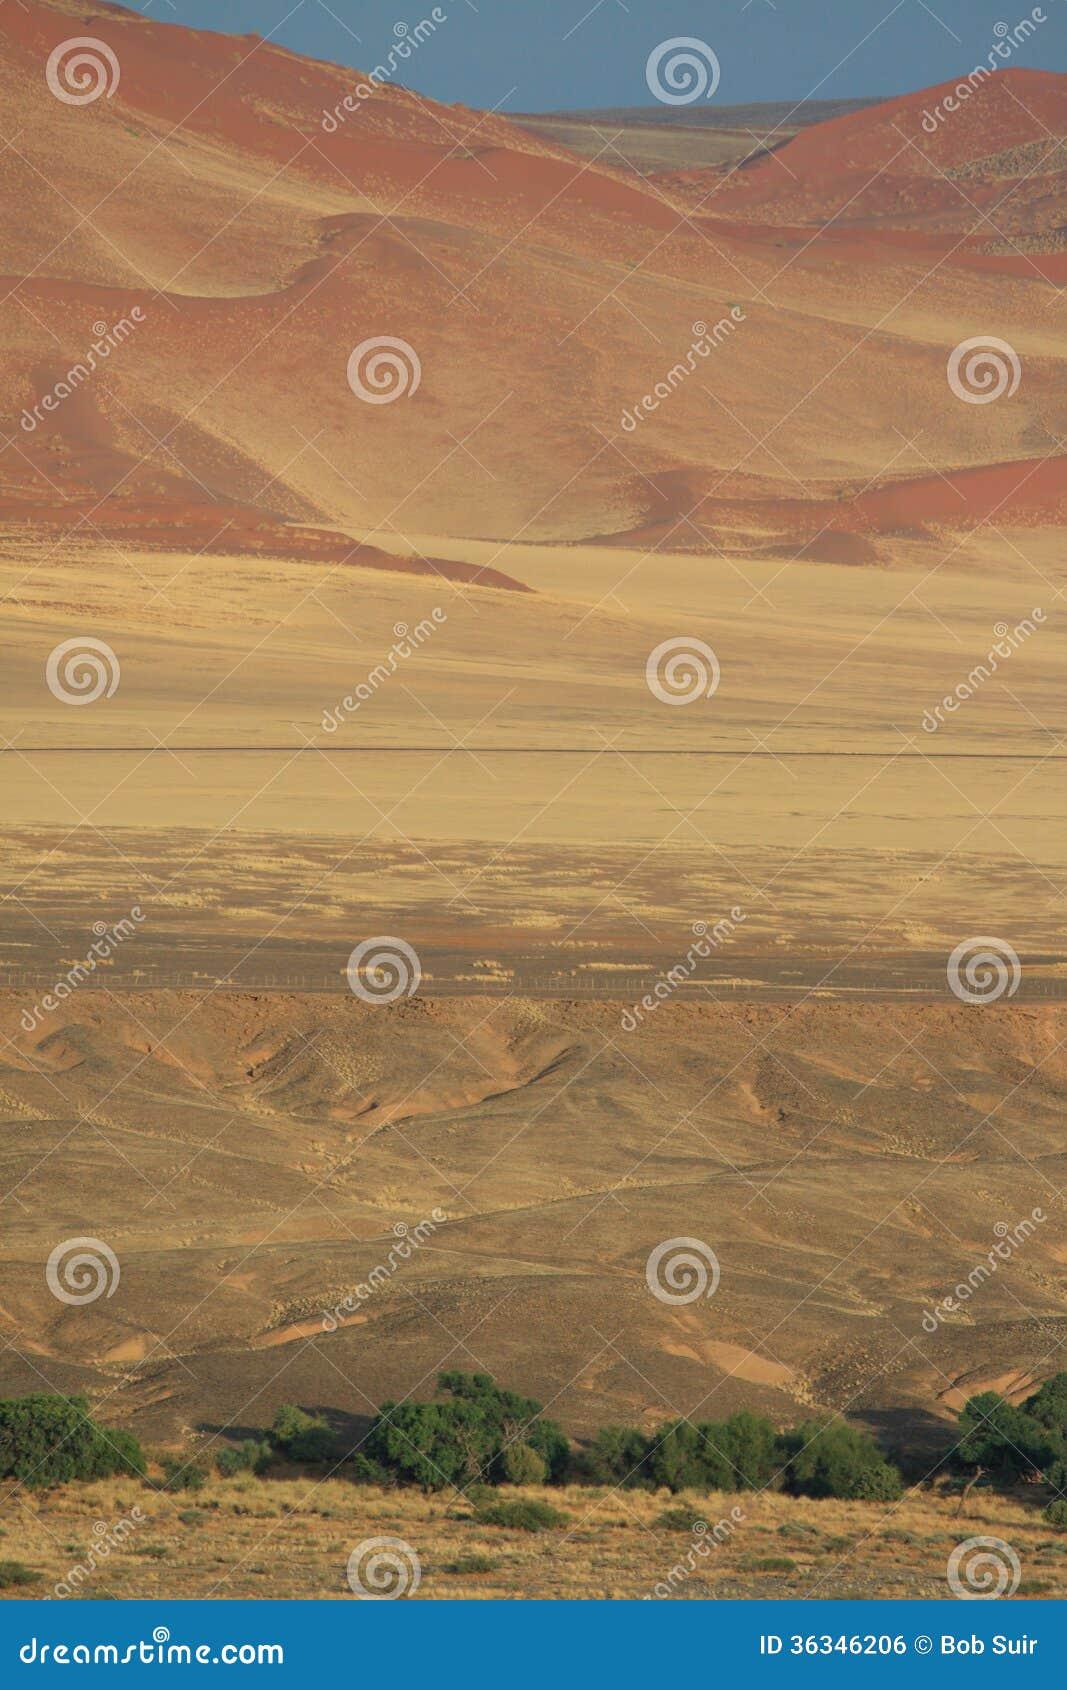 Namibian desert landscape dunes